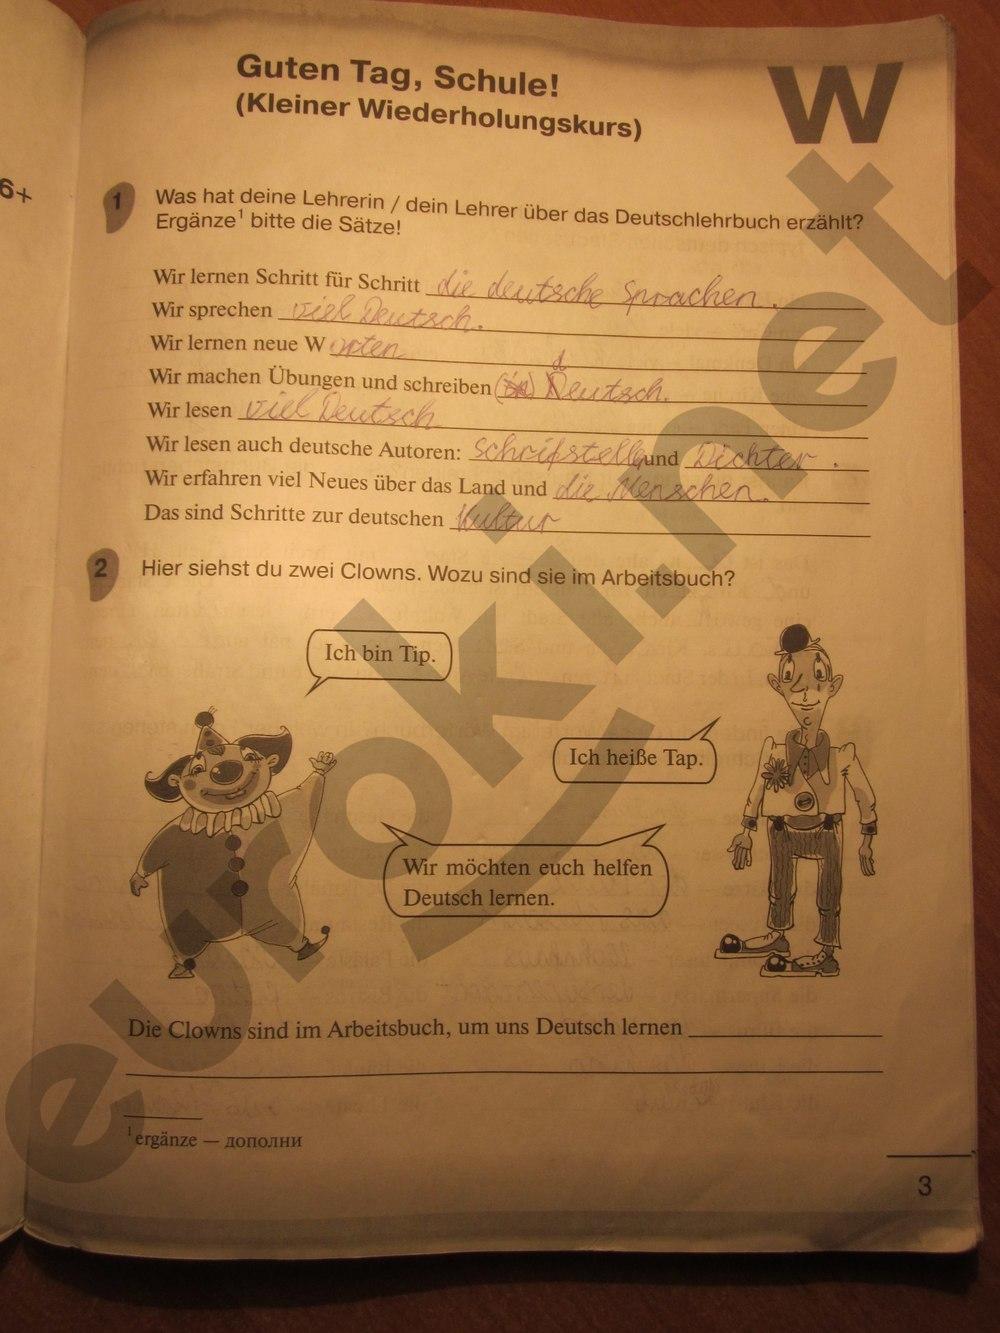 Задания из учебника: с.3 - решебник №2